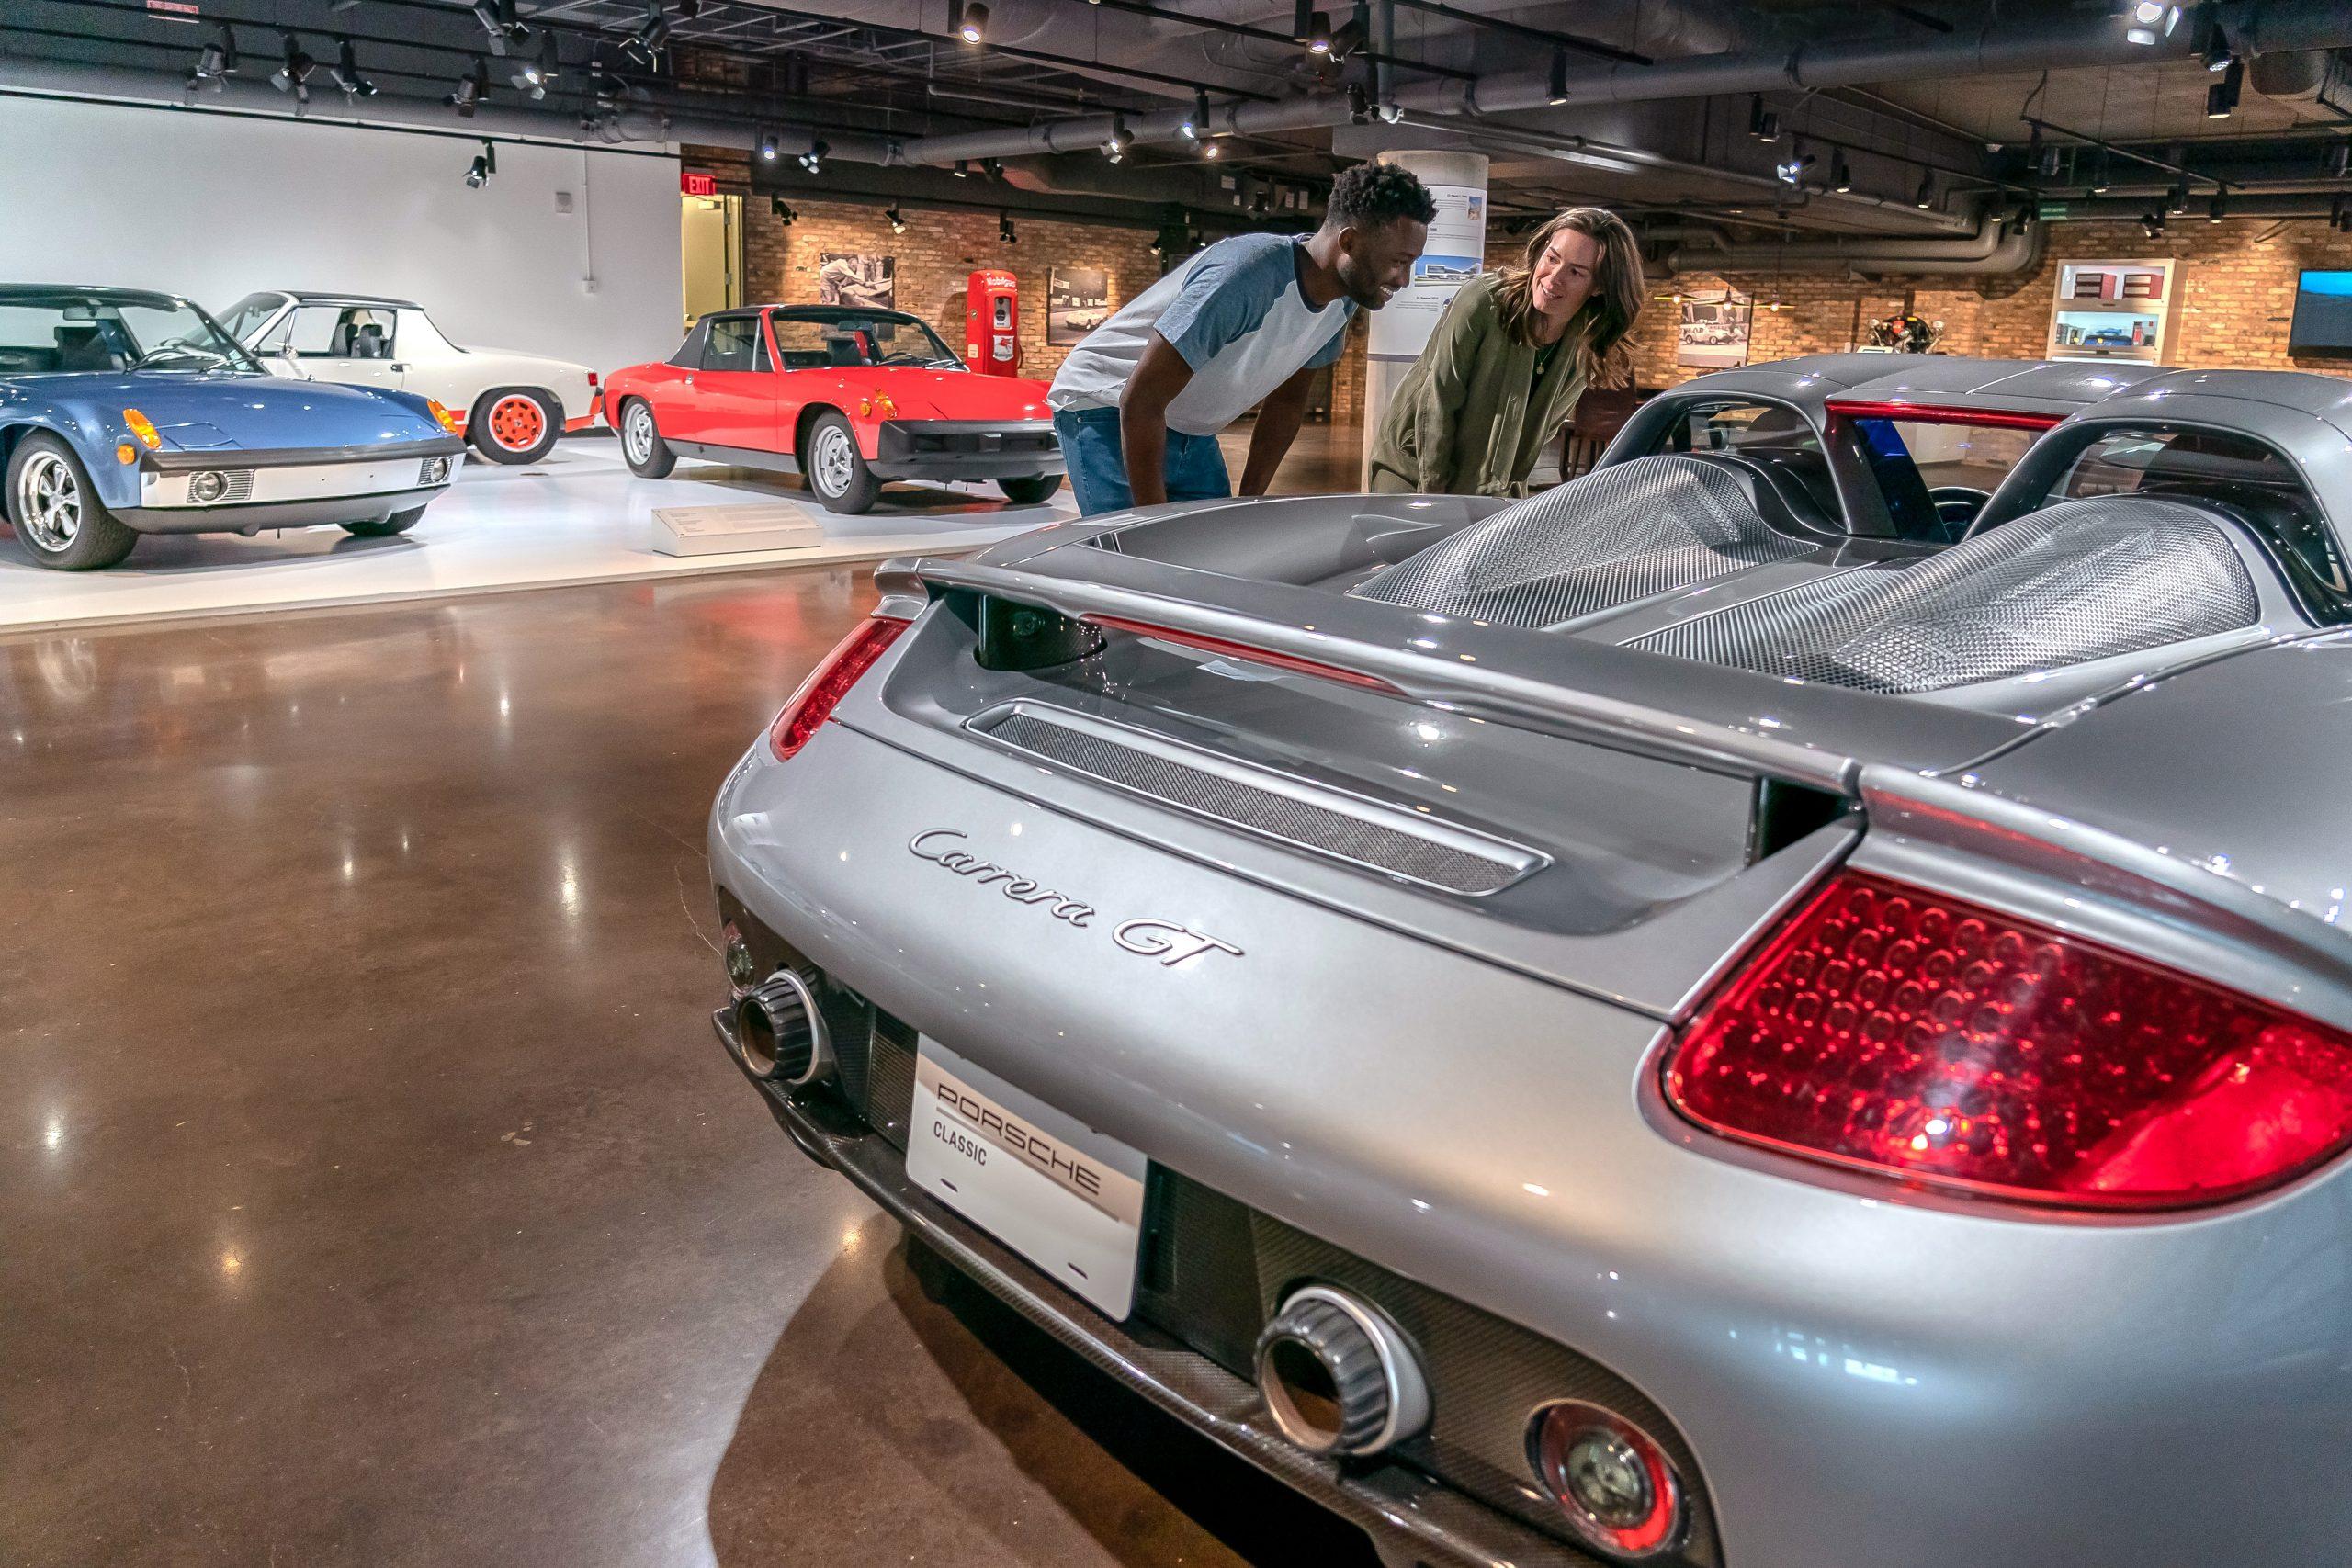 Porsche Carrera GT students observe